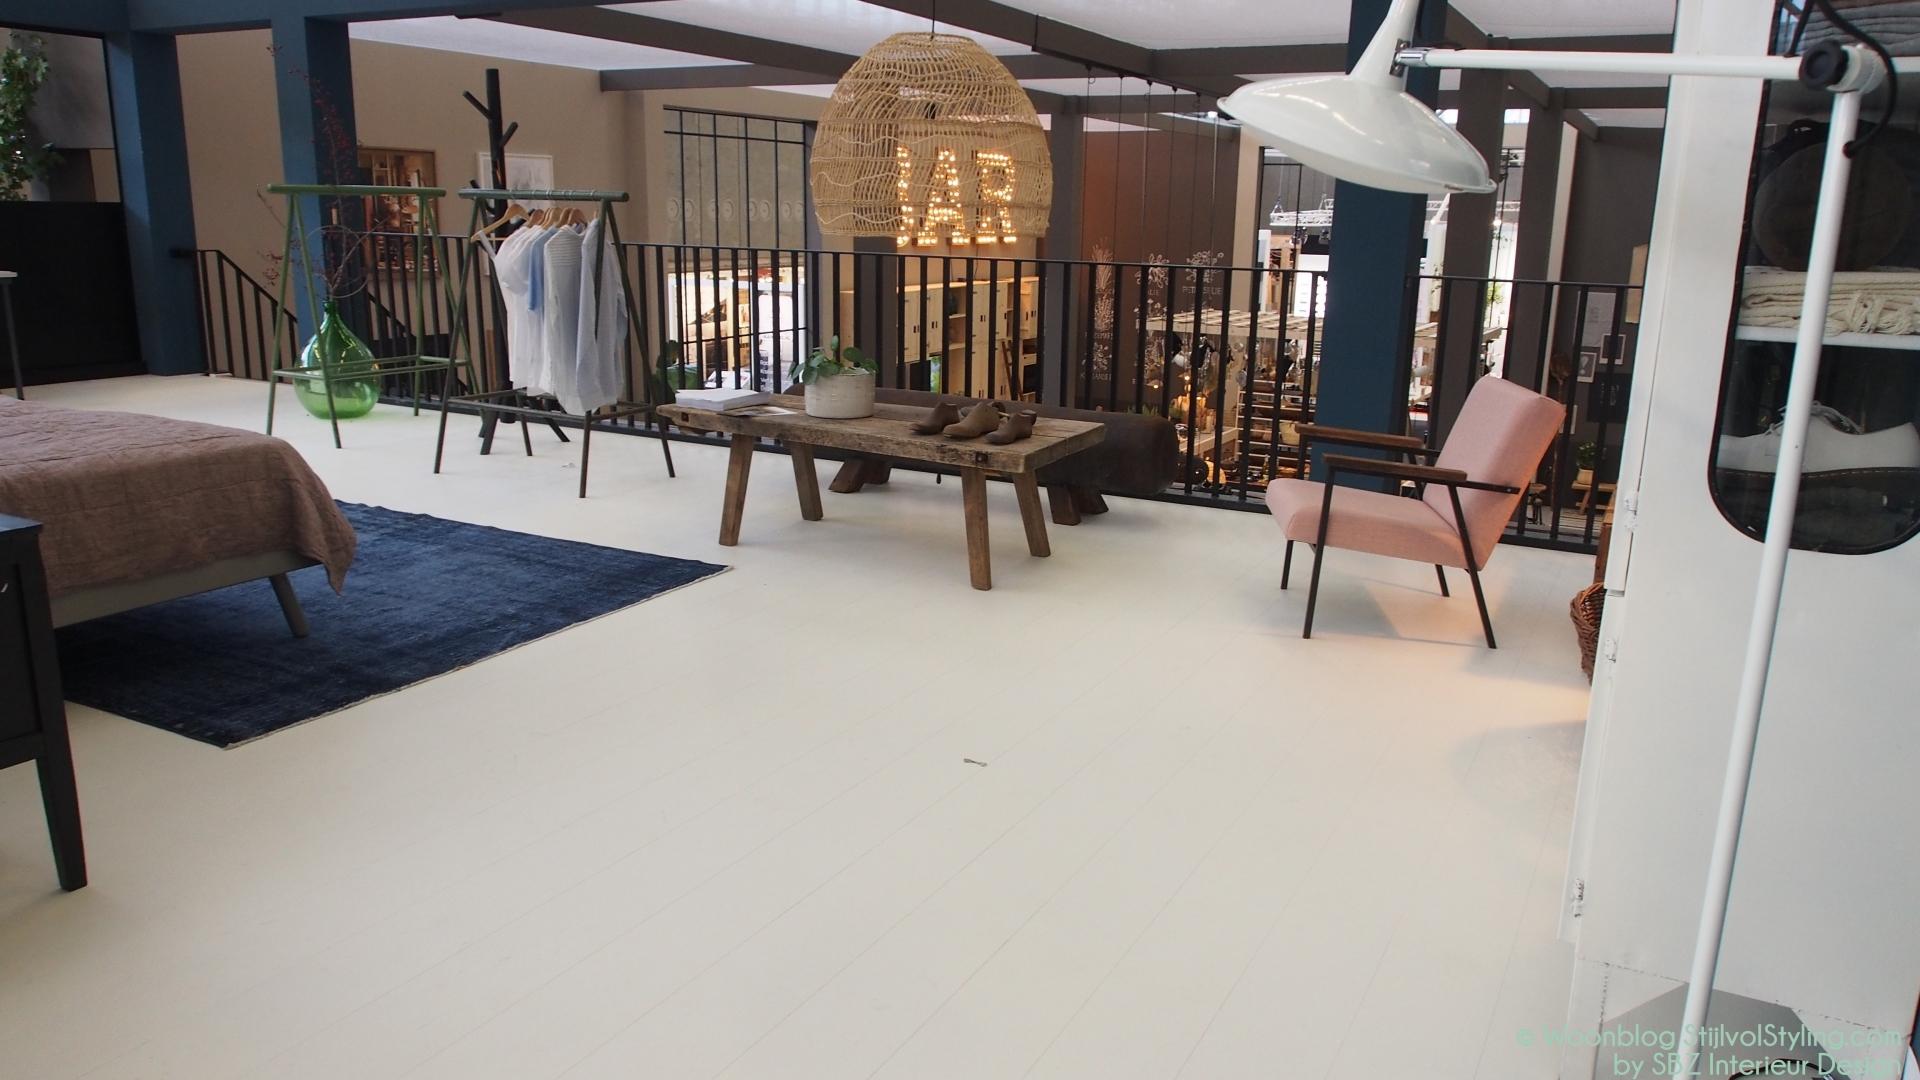 Binnenkijken het vtwonen huis stijlvol styling woonblog - Mooi huis interieur design ...